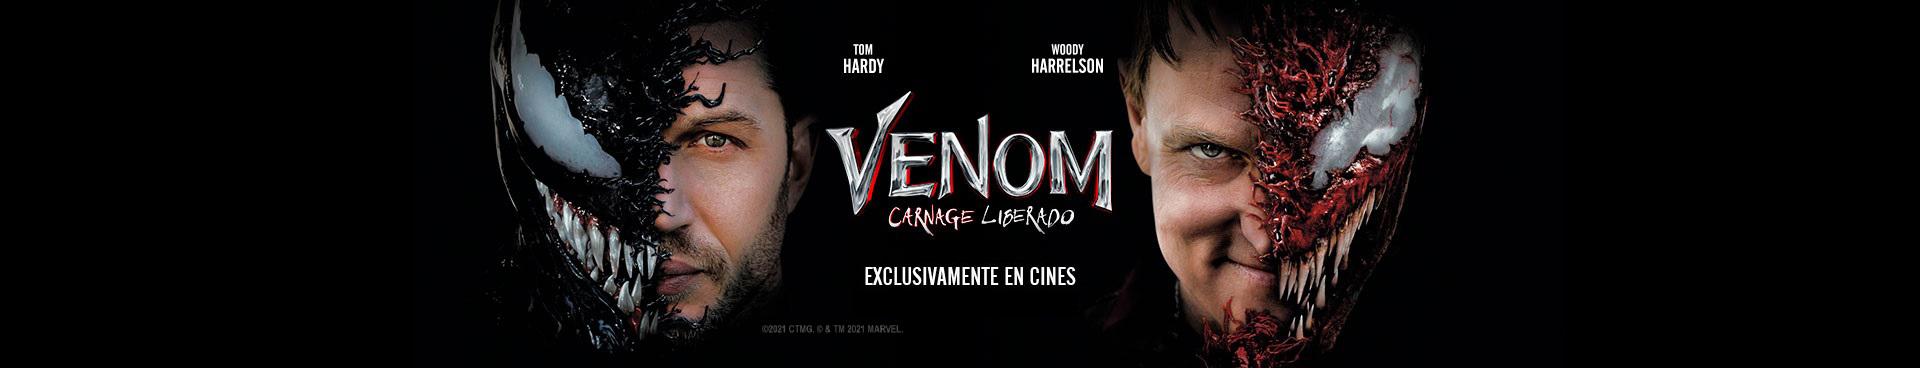 En Cartelera: Venom Carnage Liberado